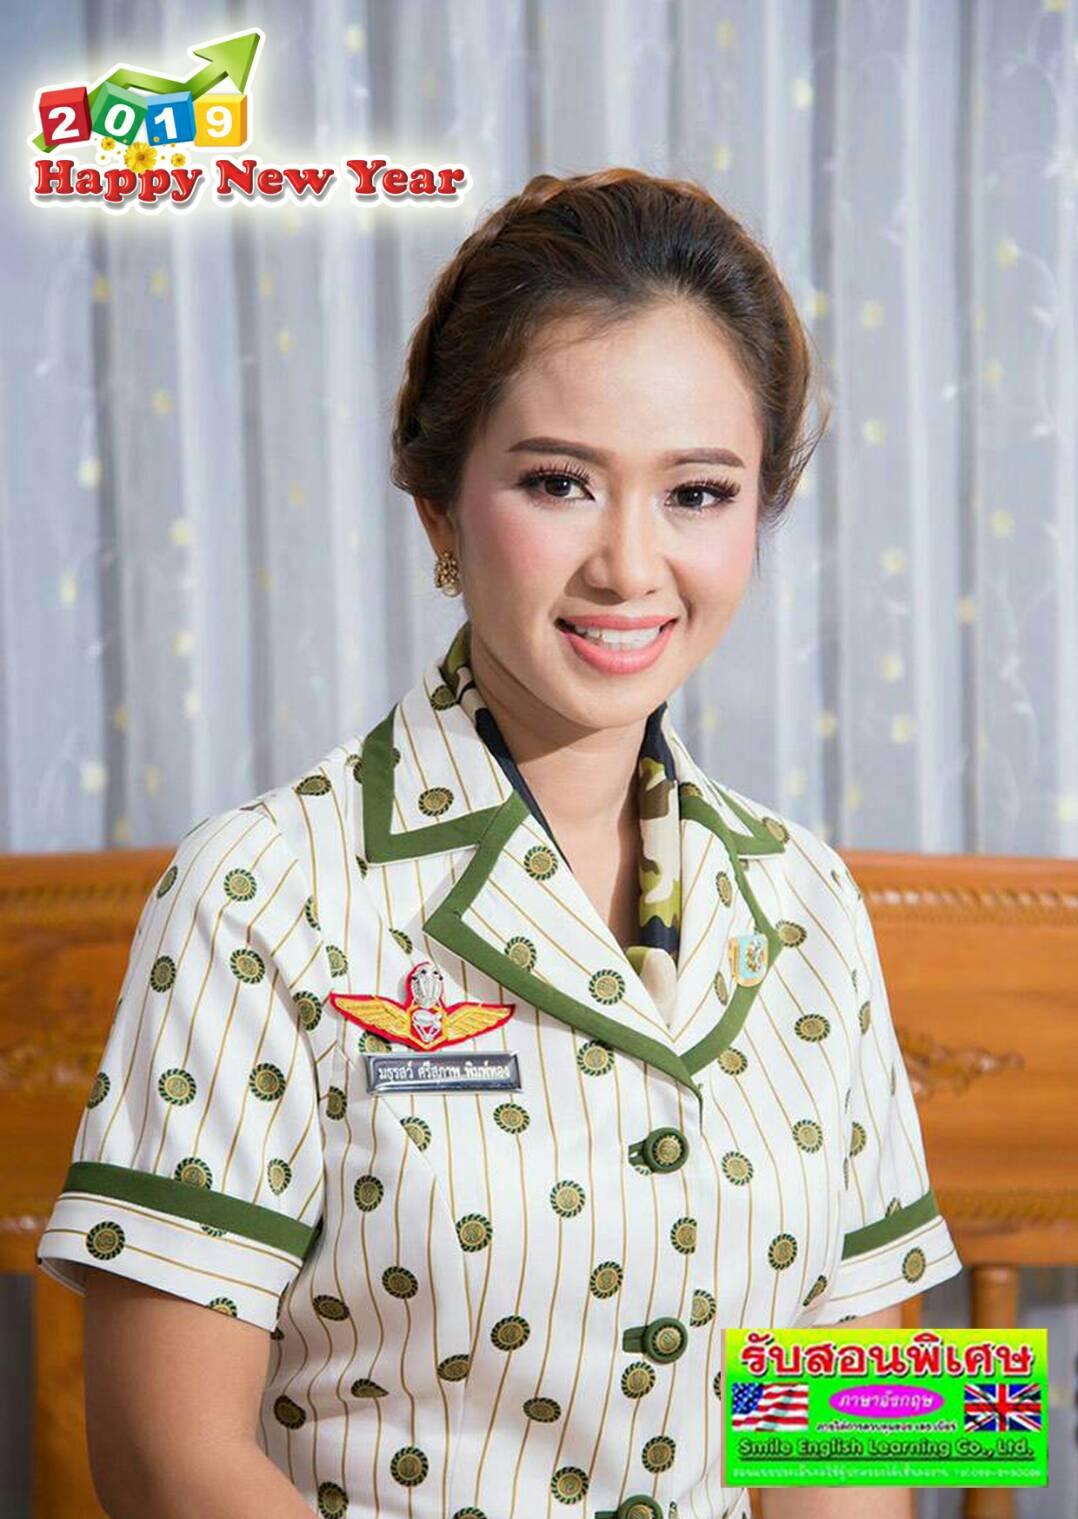 ครูยิ้ม สอนภาษาอังกฤษลพบุรี